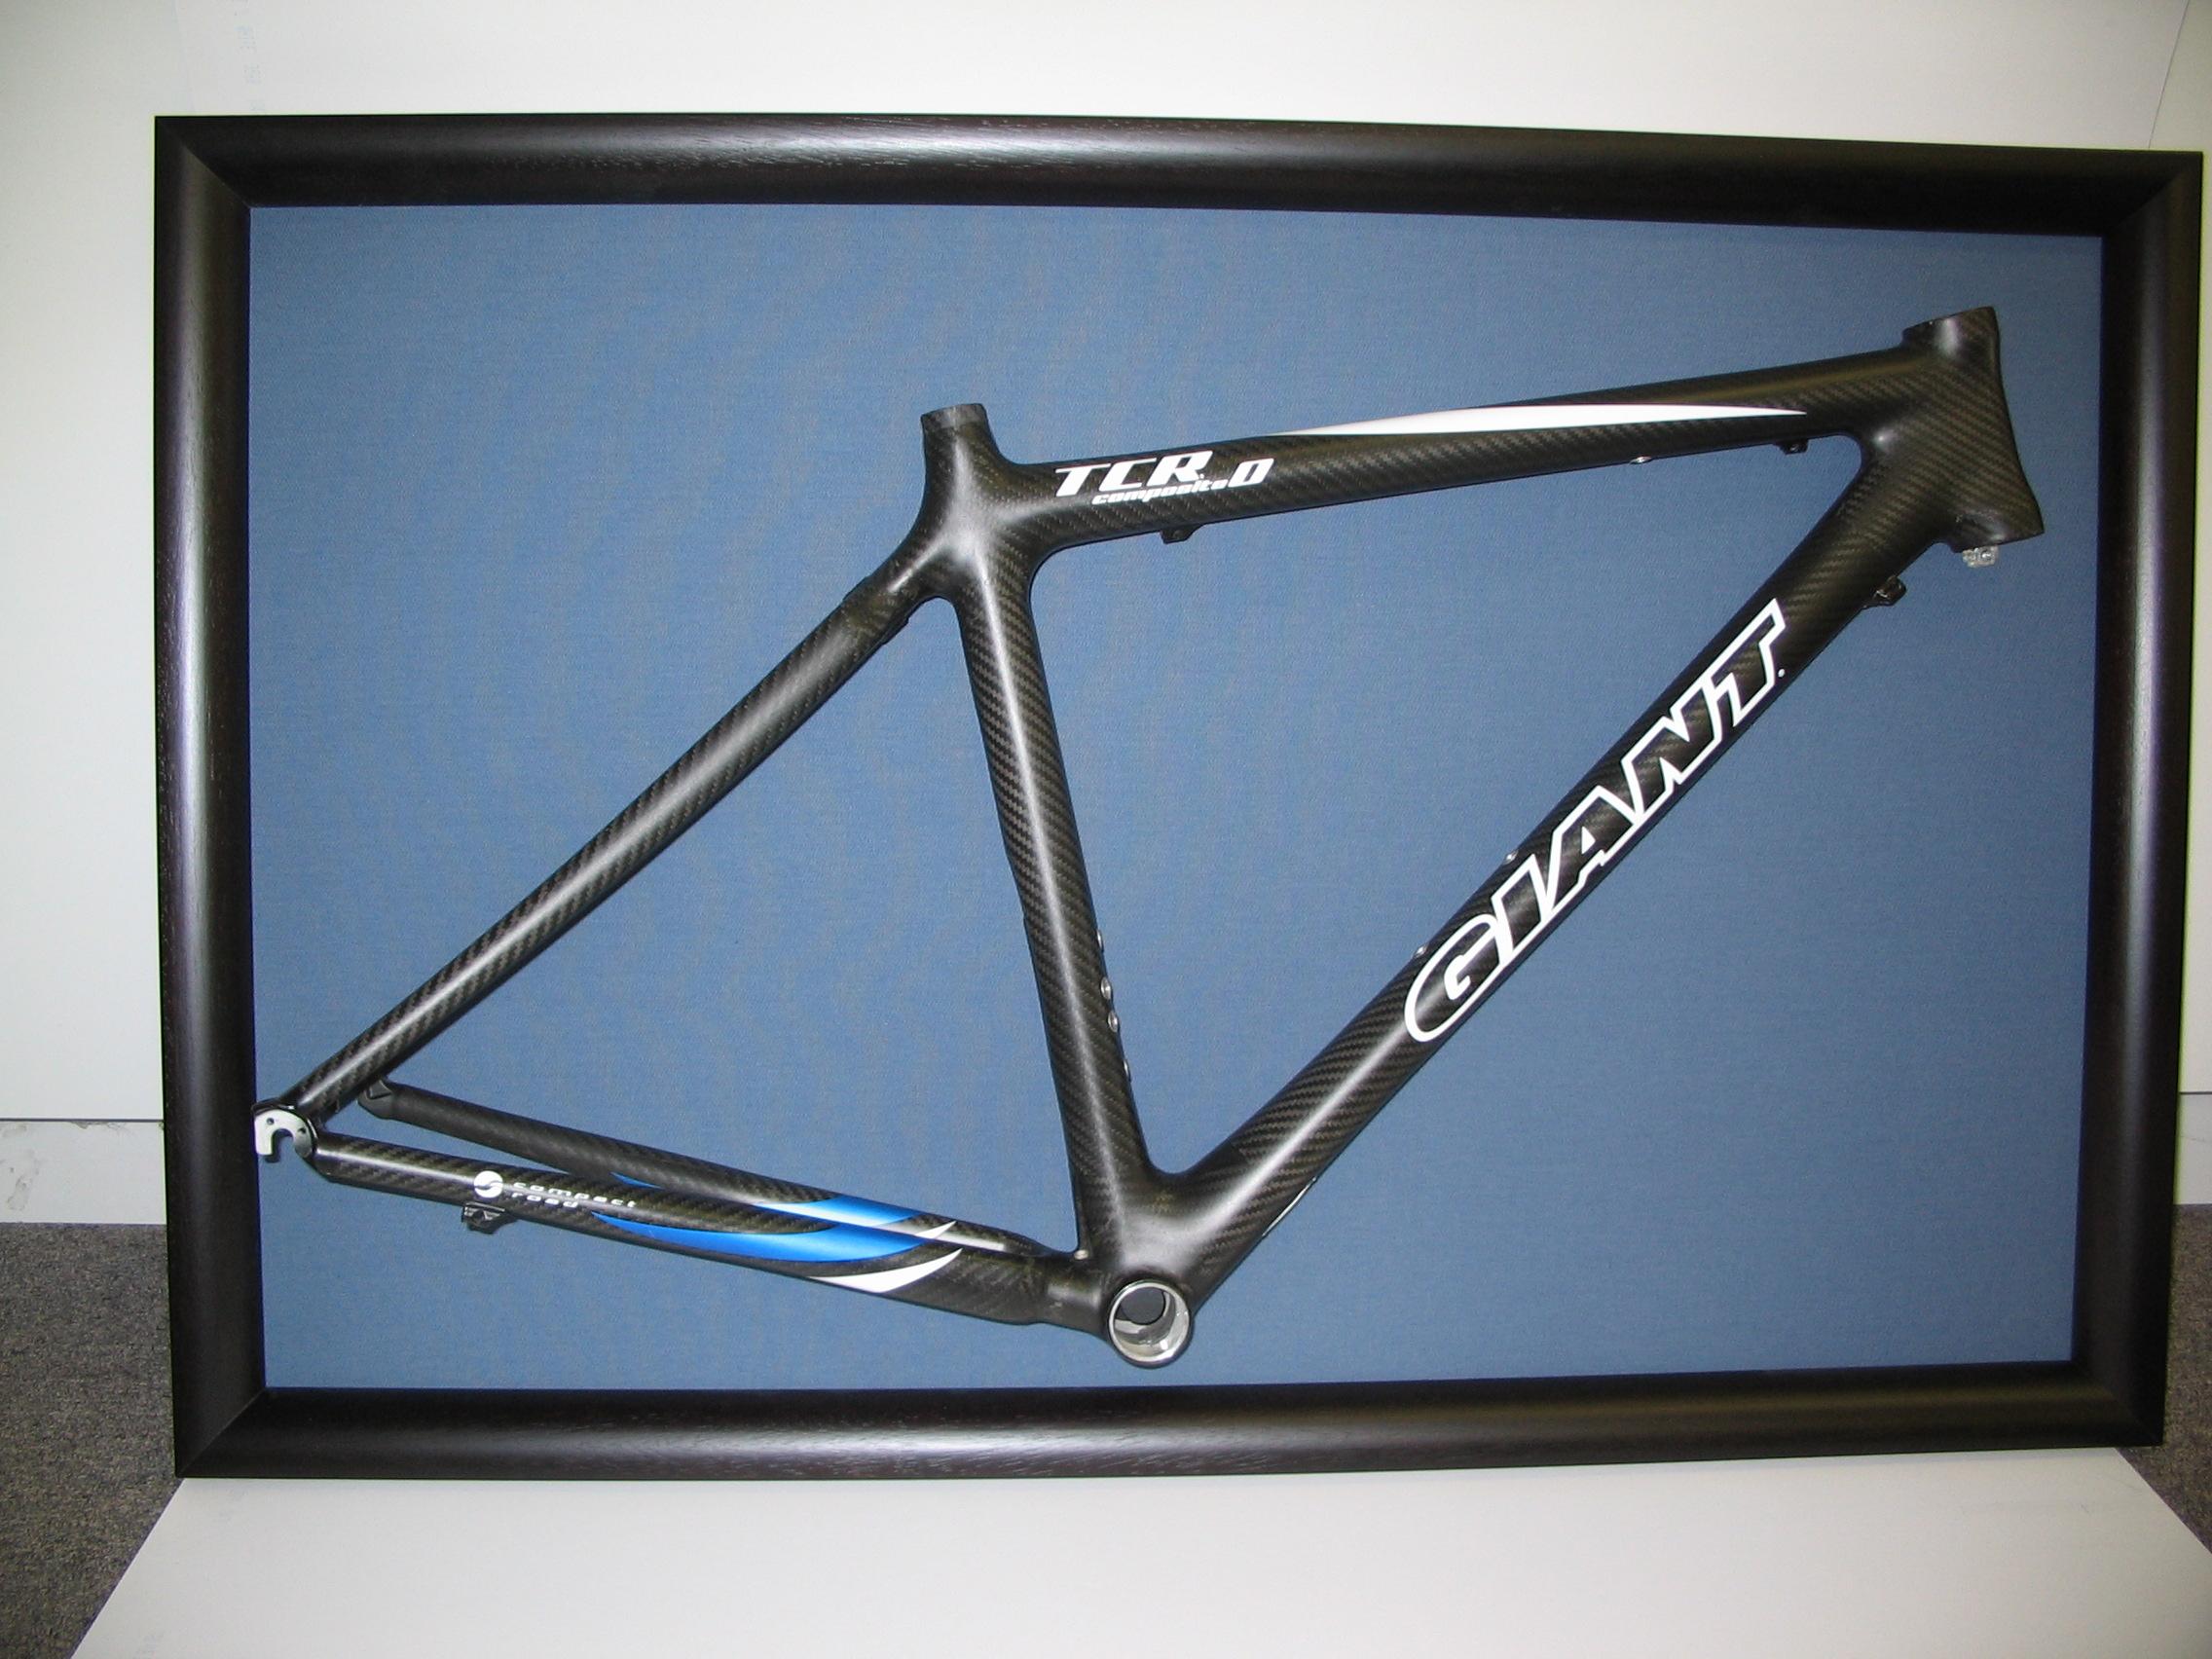 Bike framed by The Framemakers